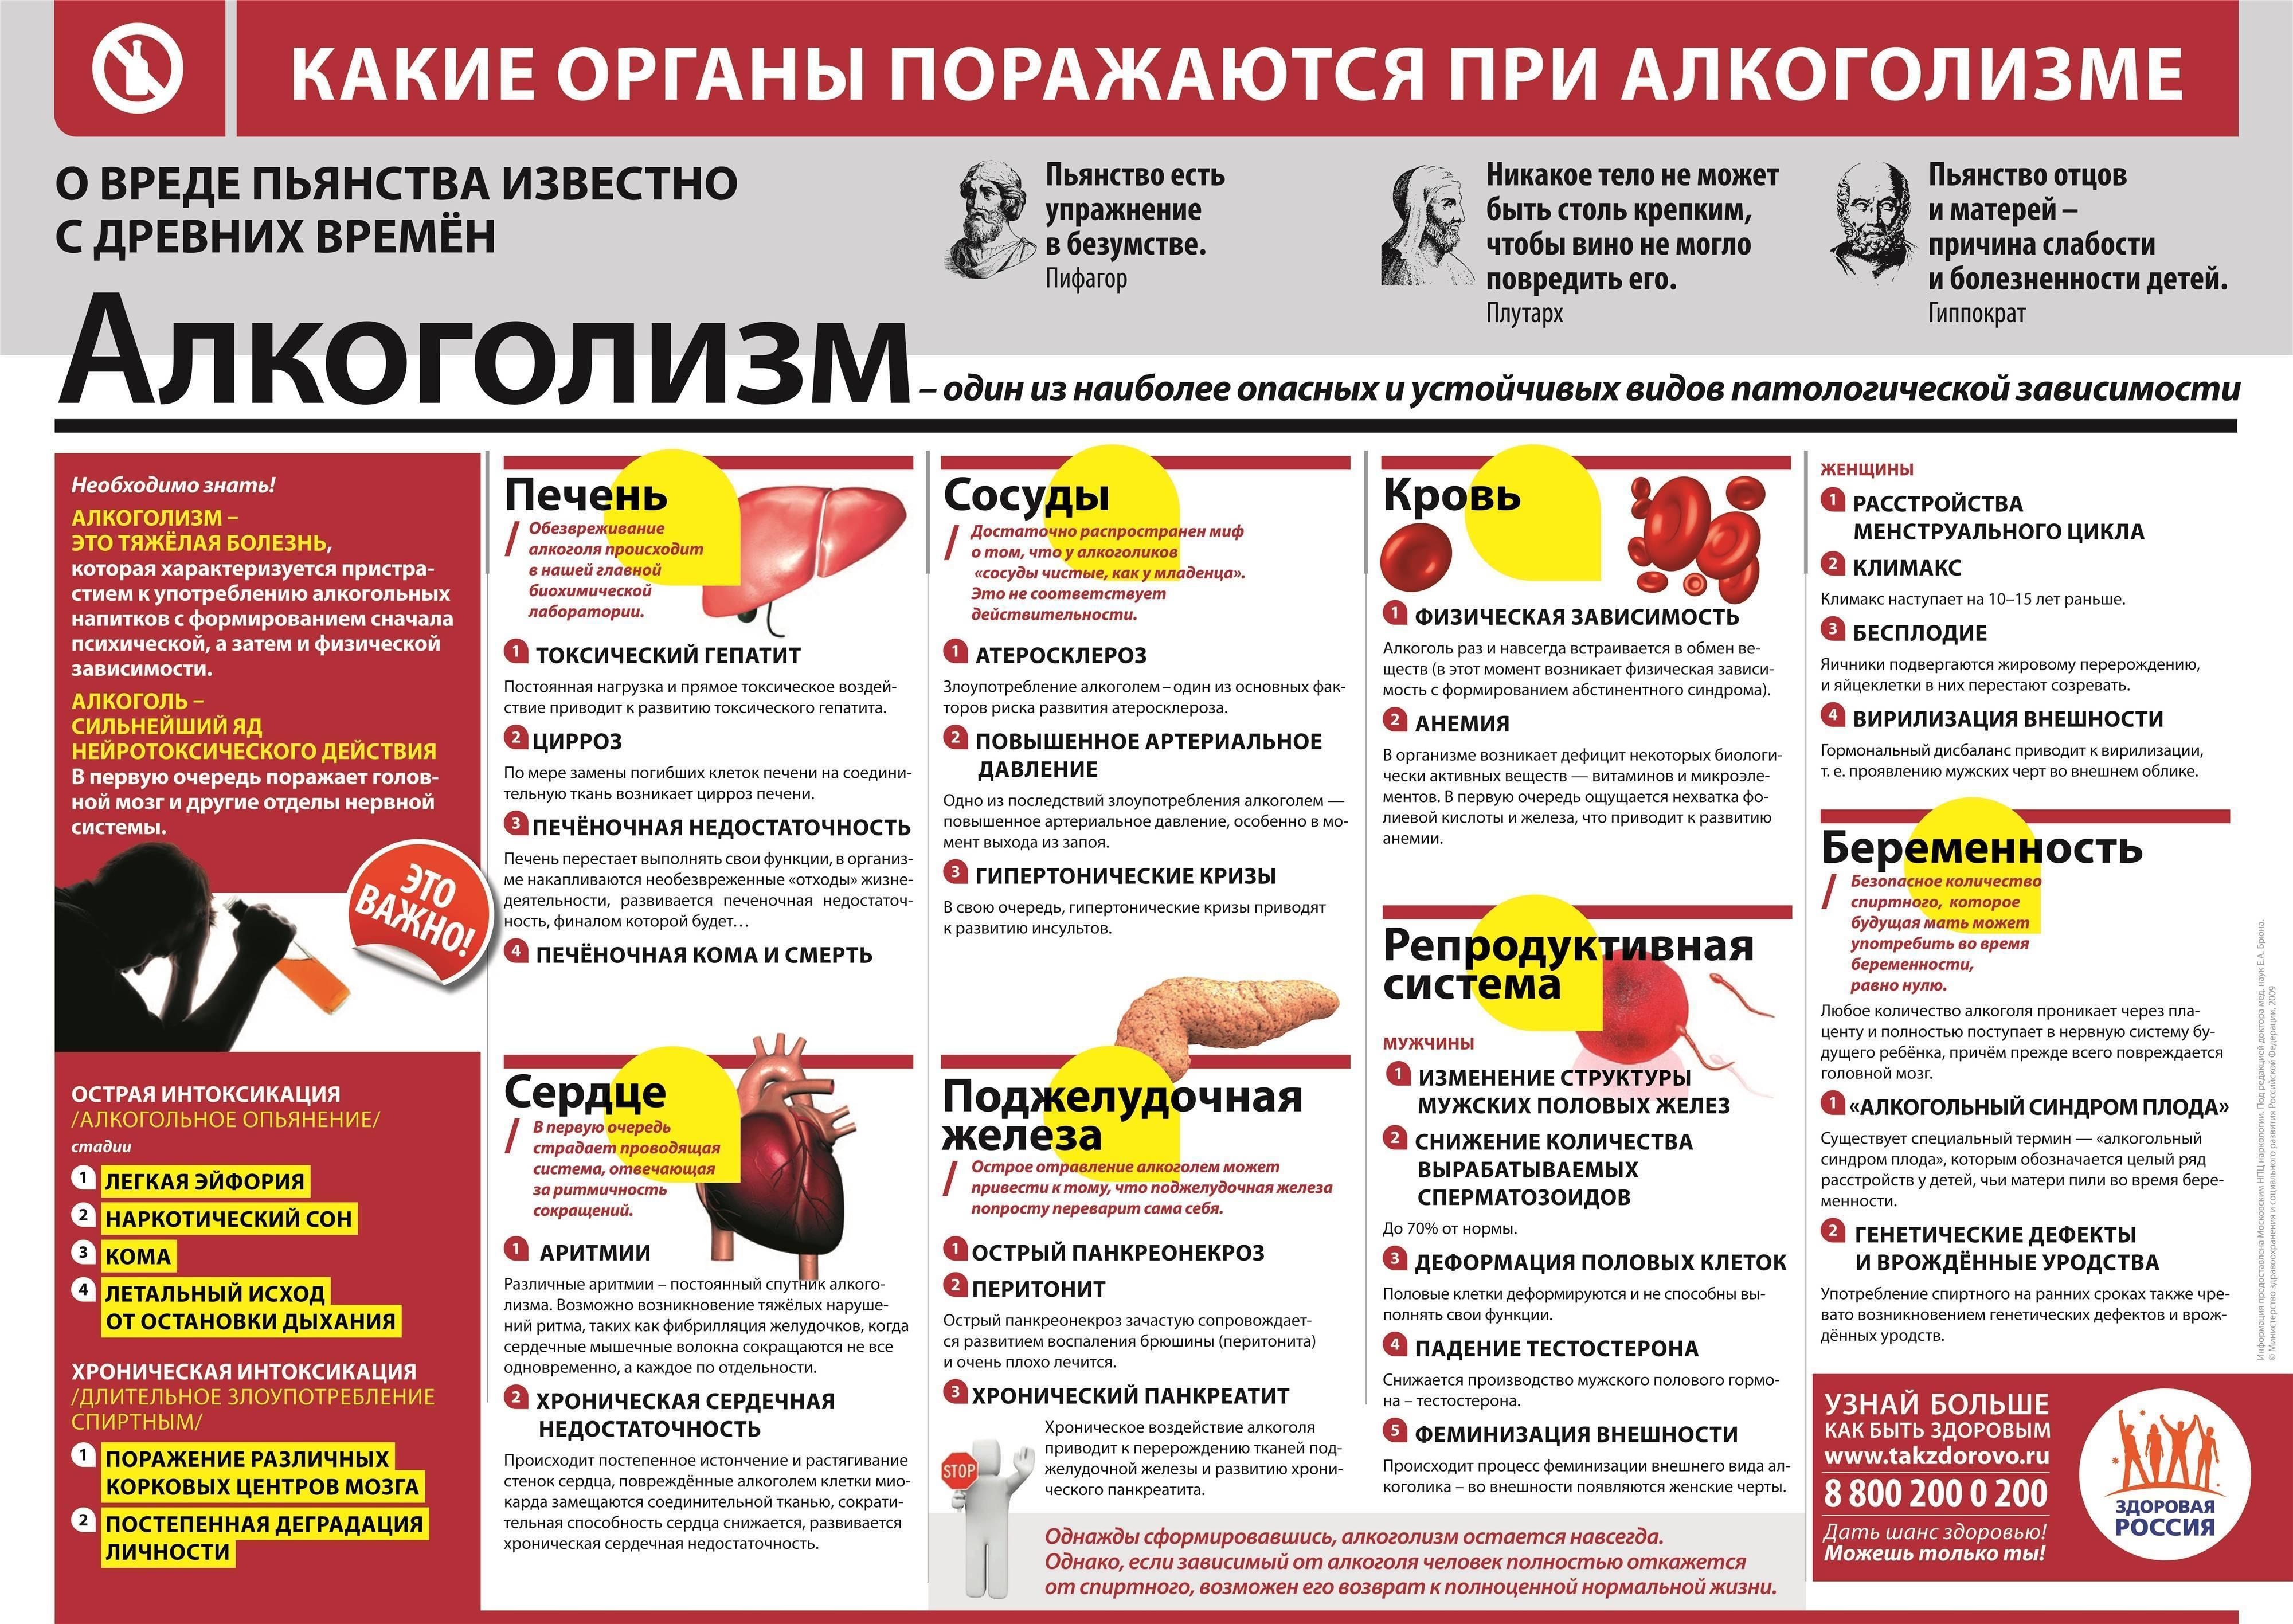 Профилактика алкоголизма. виды и меры профилактики алкоголизма в россии